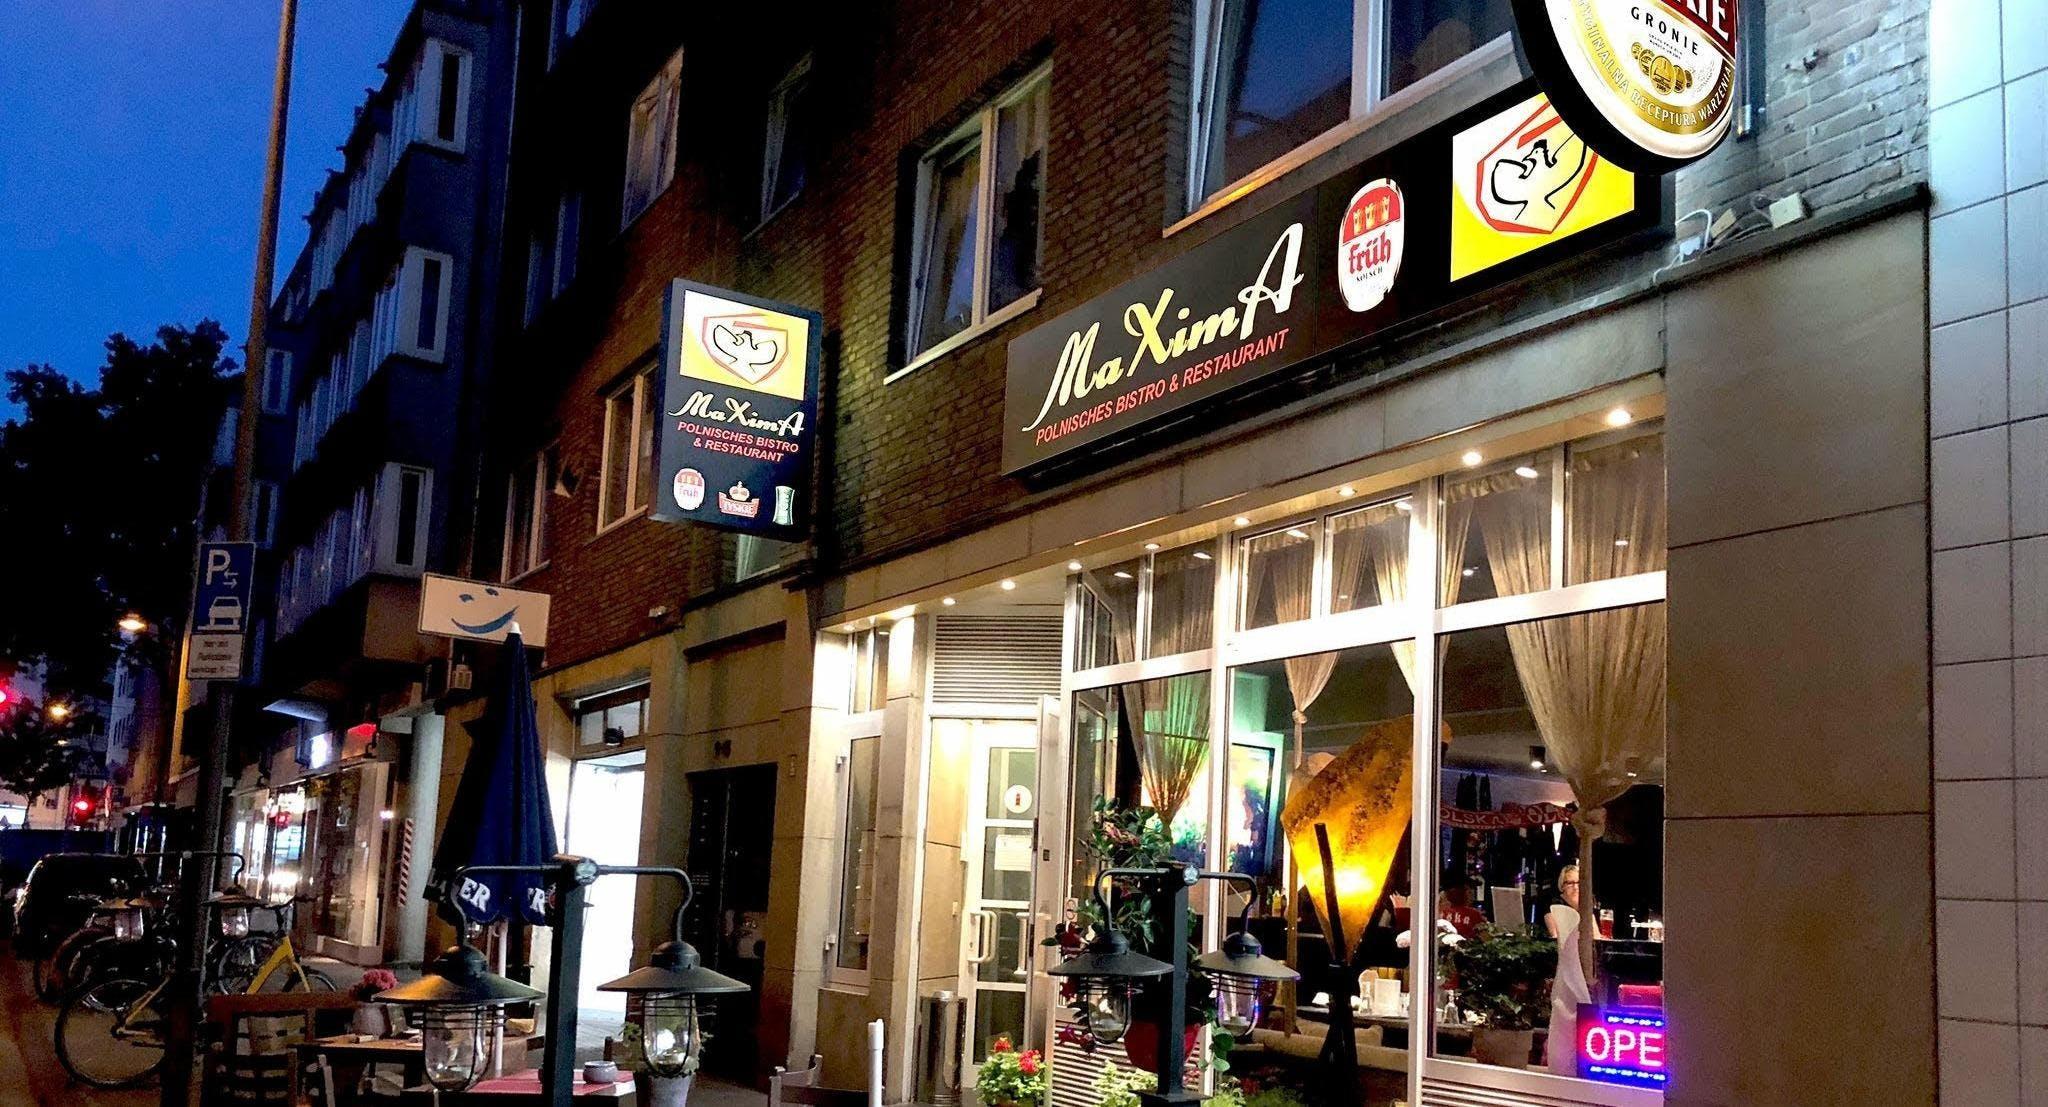 MaXimA Polnisches Bistro & Restaurant Keulen image 2